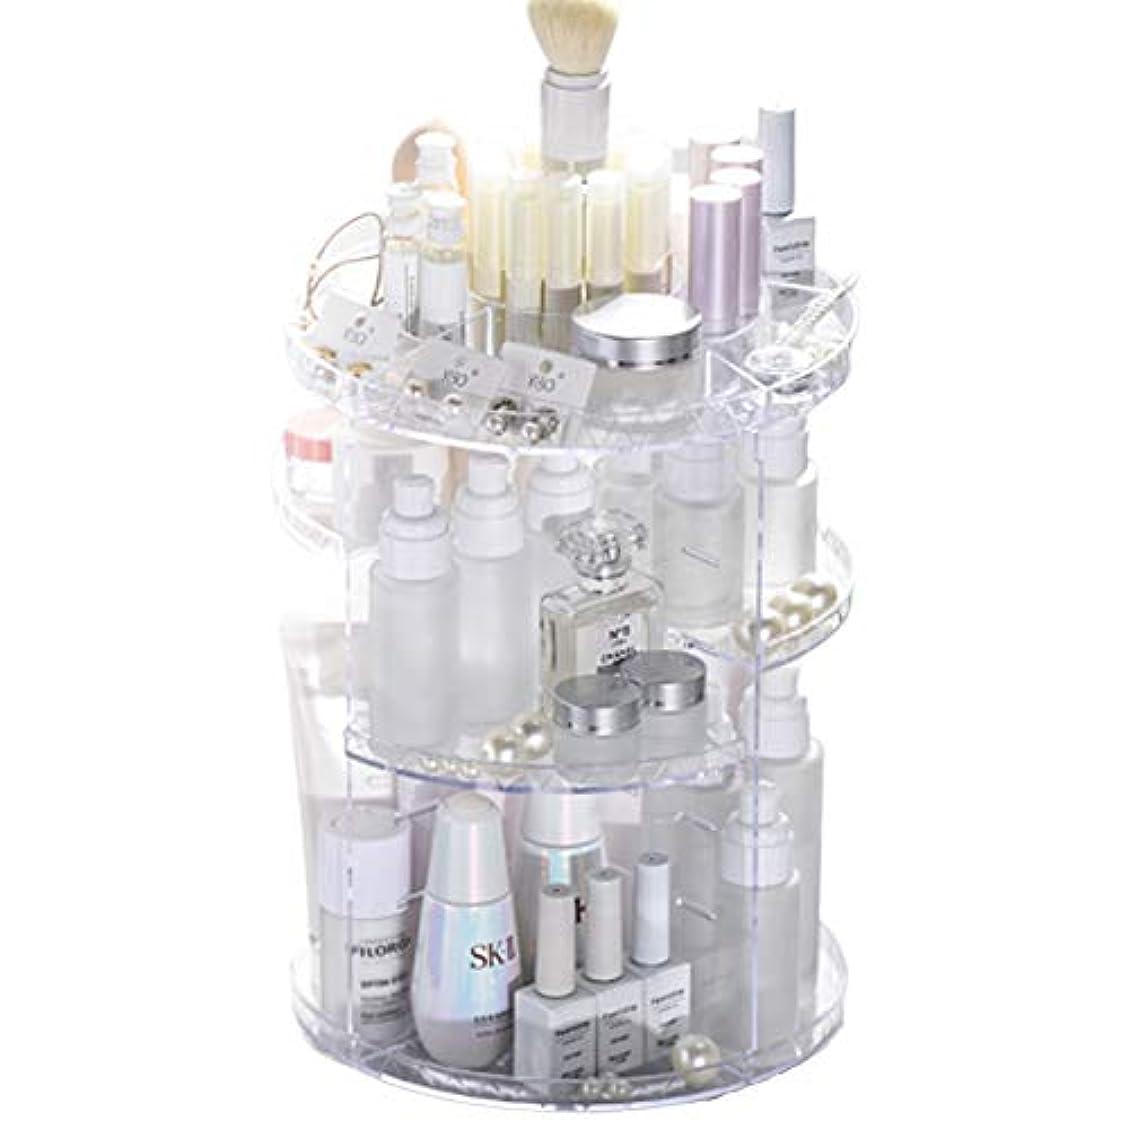 幼児傭兵フィッティング化粧品収納ボックス 360度回転式 メイクボックス 透明 おしゃれ 大容量 コスメ収納スタンド コスメ収納 アクセサリー デスクトップシェルフ (透明)